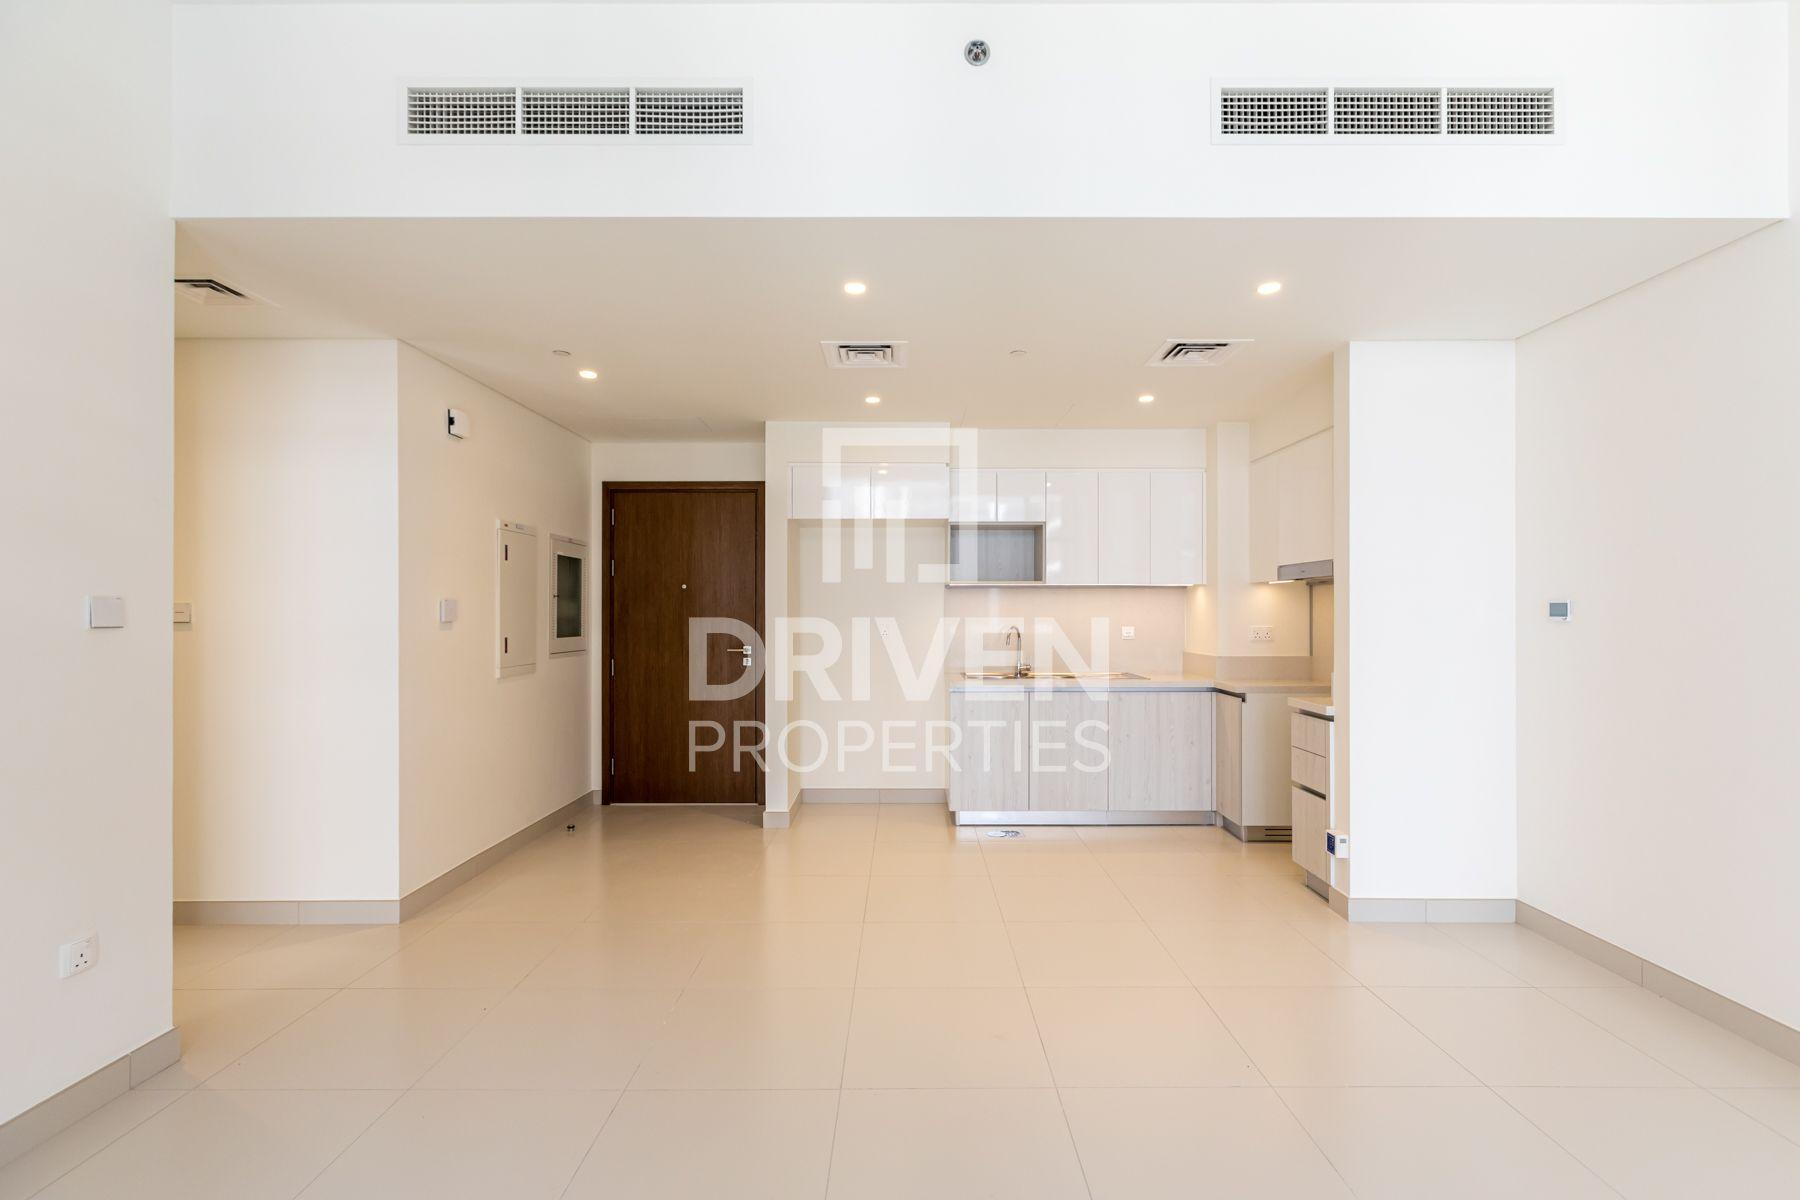 1,025 قدم مربع  شقة - للايجار - دبي هيلز استيت